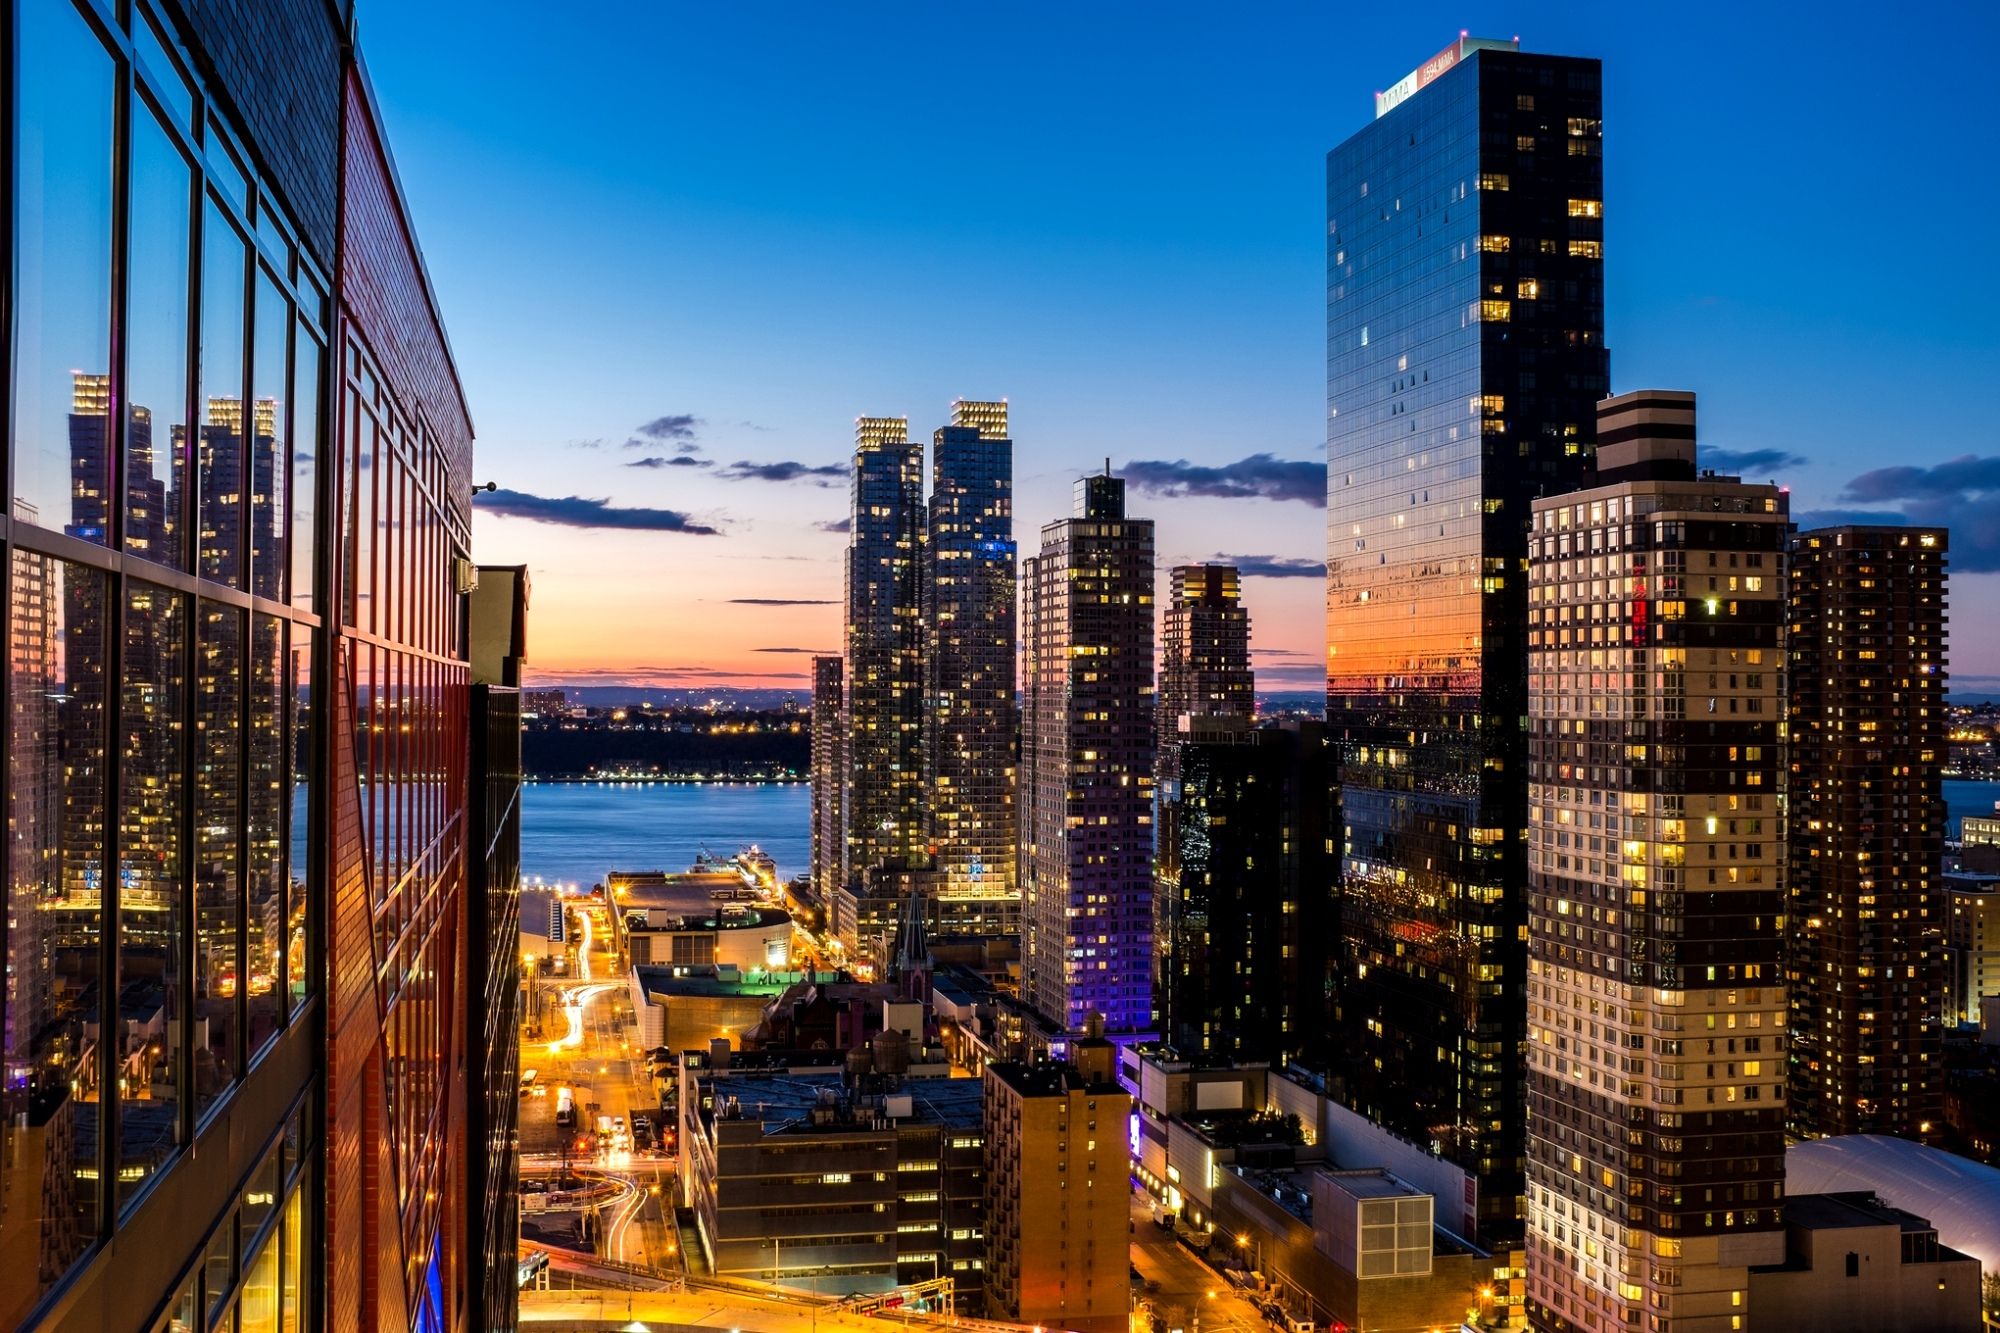 картинка мегаполис из окна выбрать межресничный